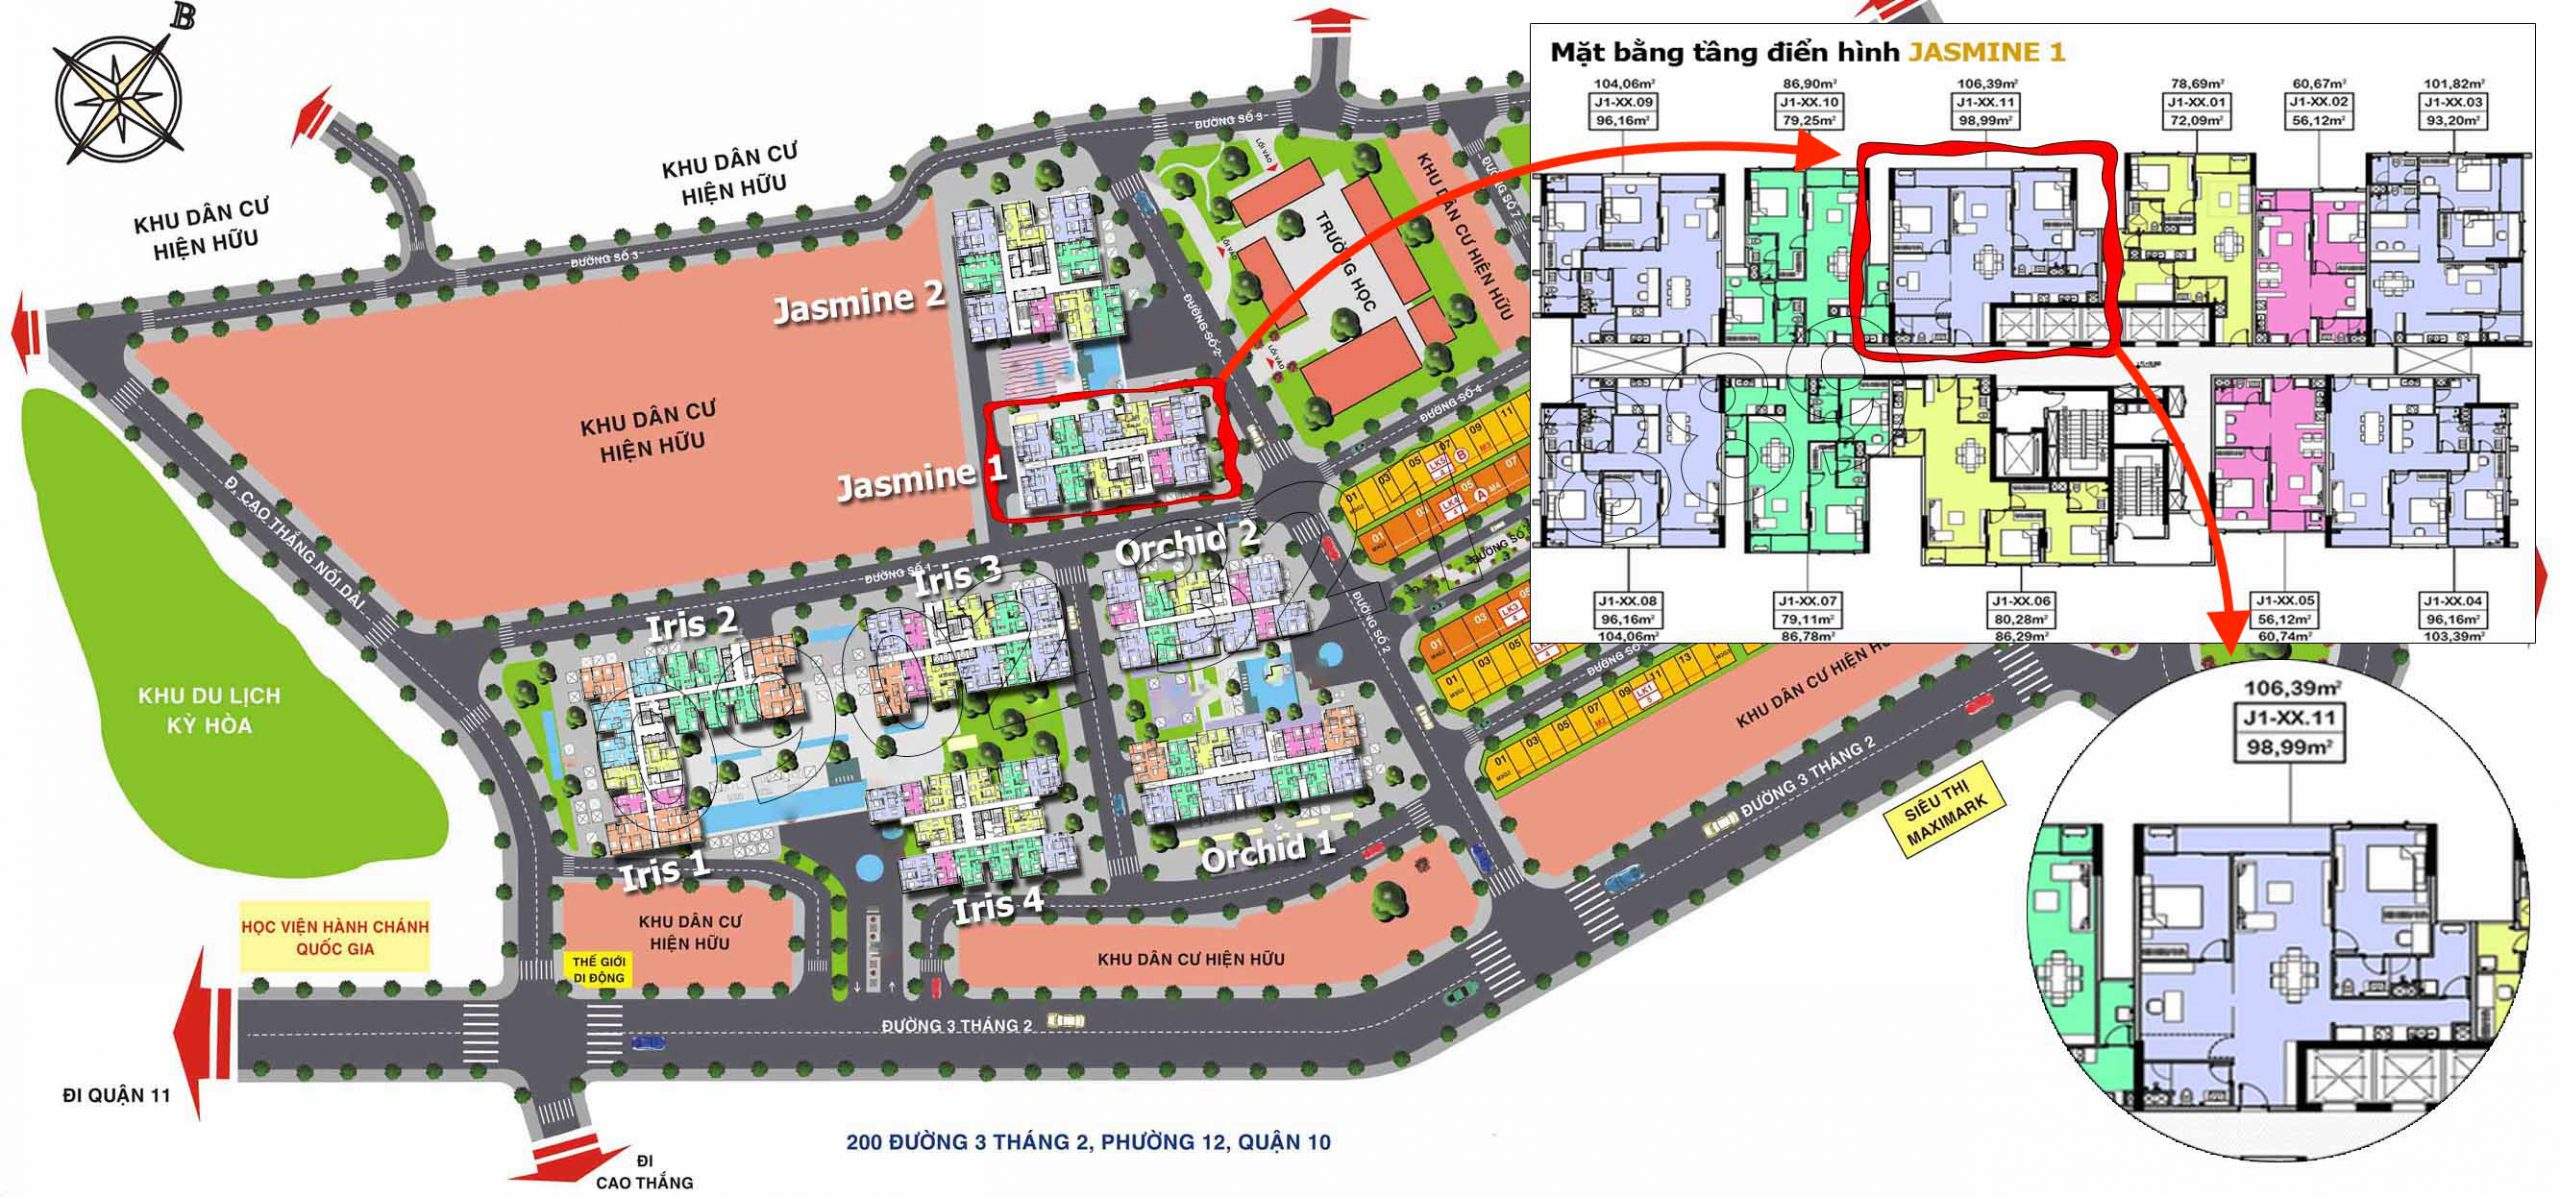 Vị trí căn hộ Hado Centrosa Garden cho thuê tòa Jasmine 1 (căn 11), diện tích 106m2.